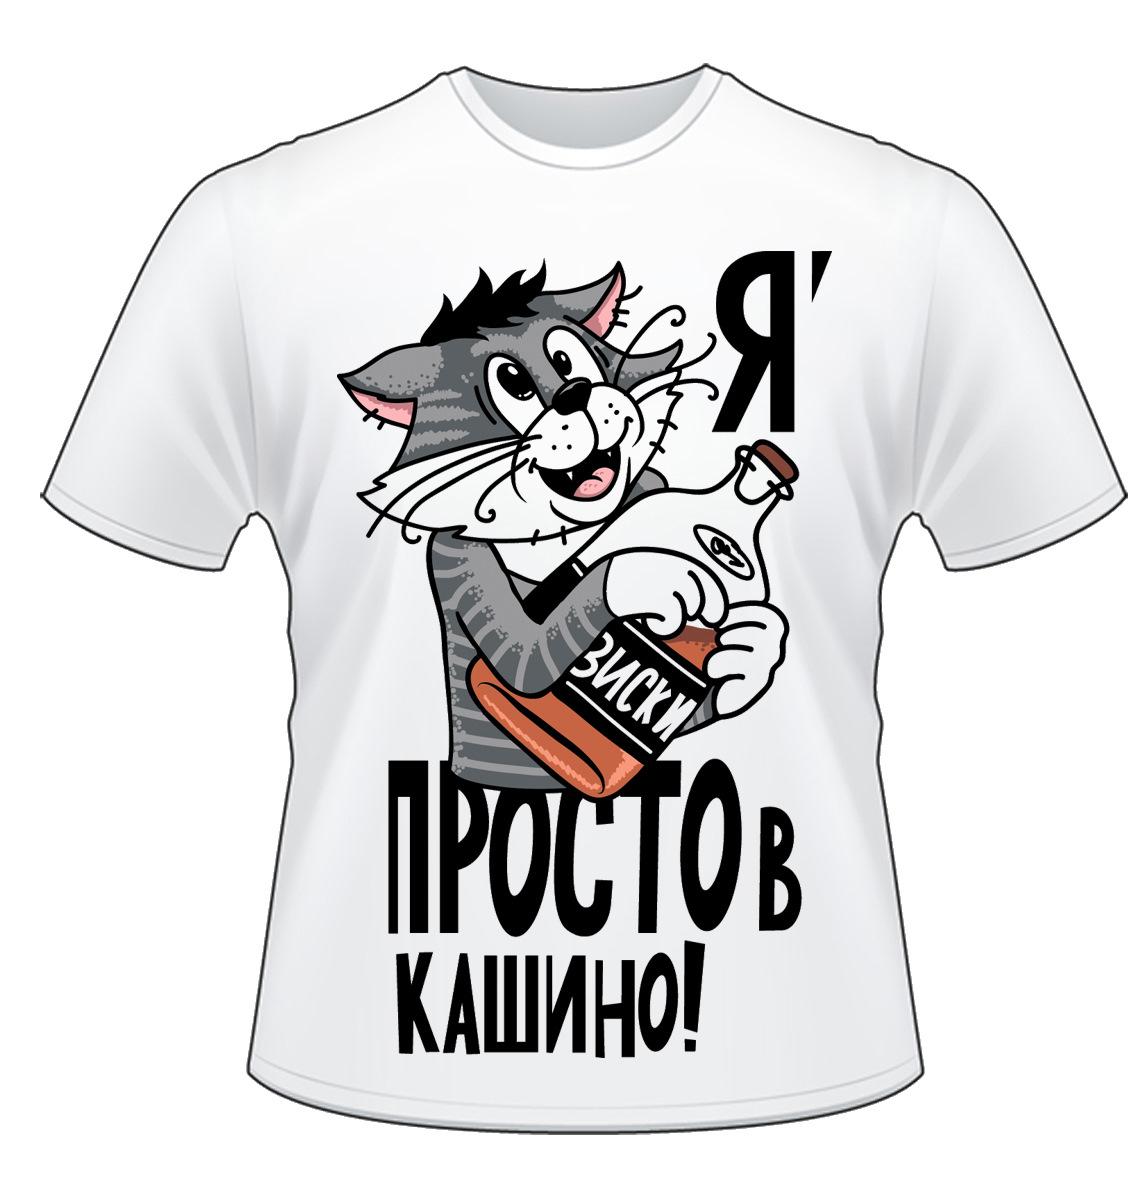 Приколы на футболку картинки, красивые анимация две